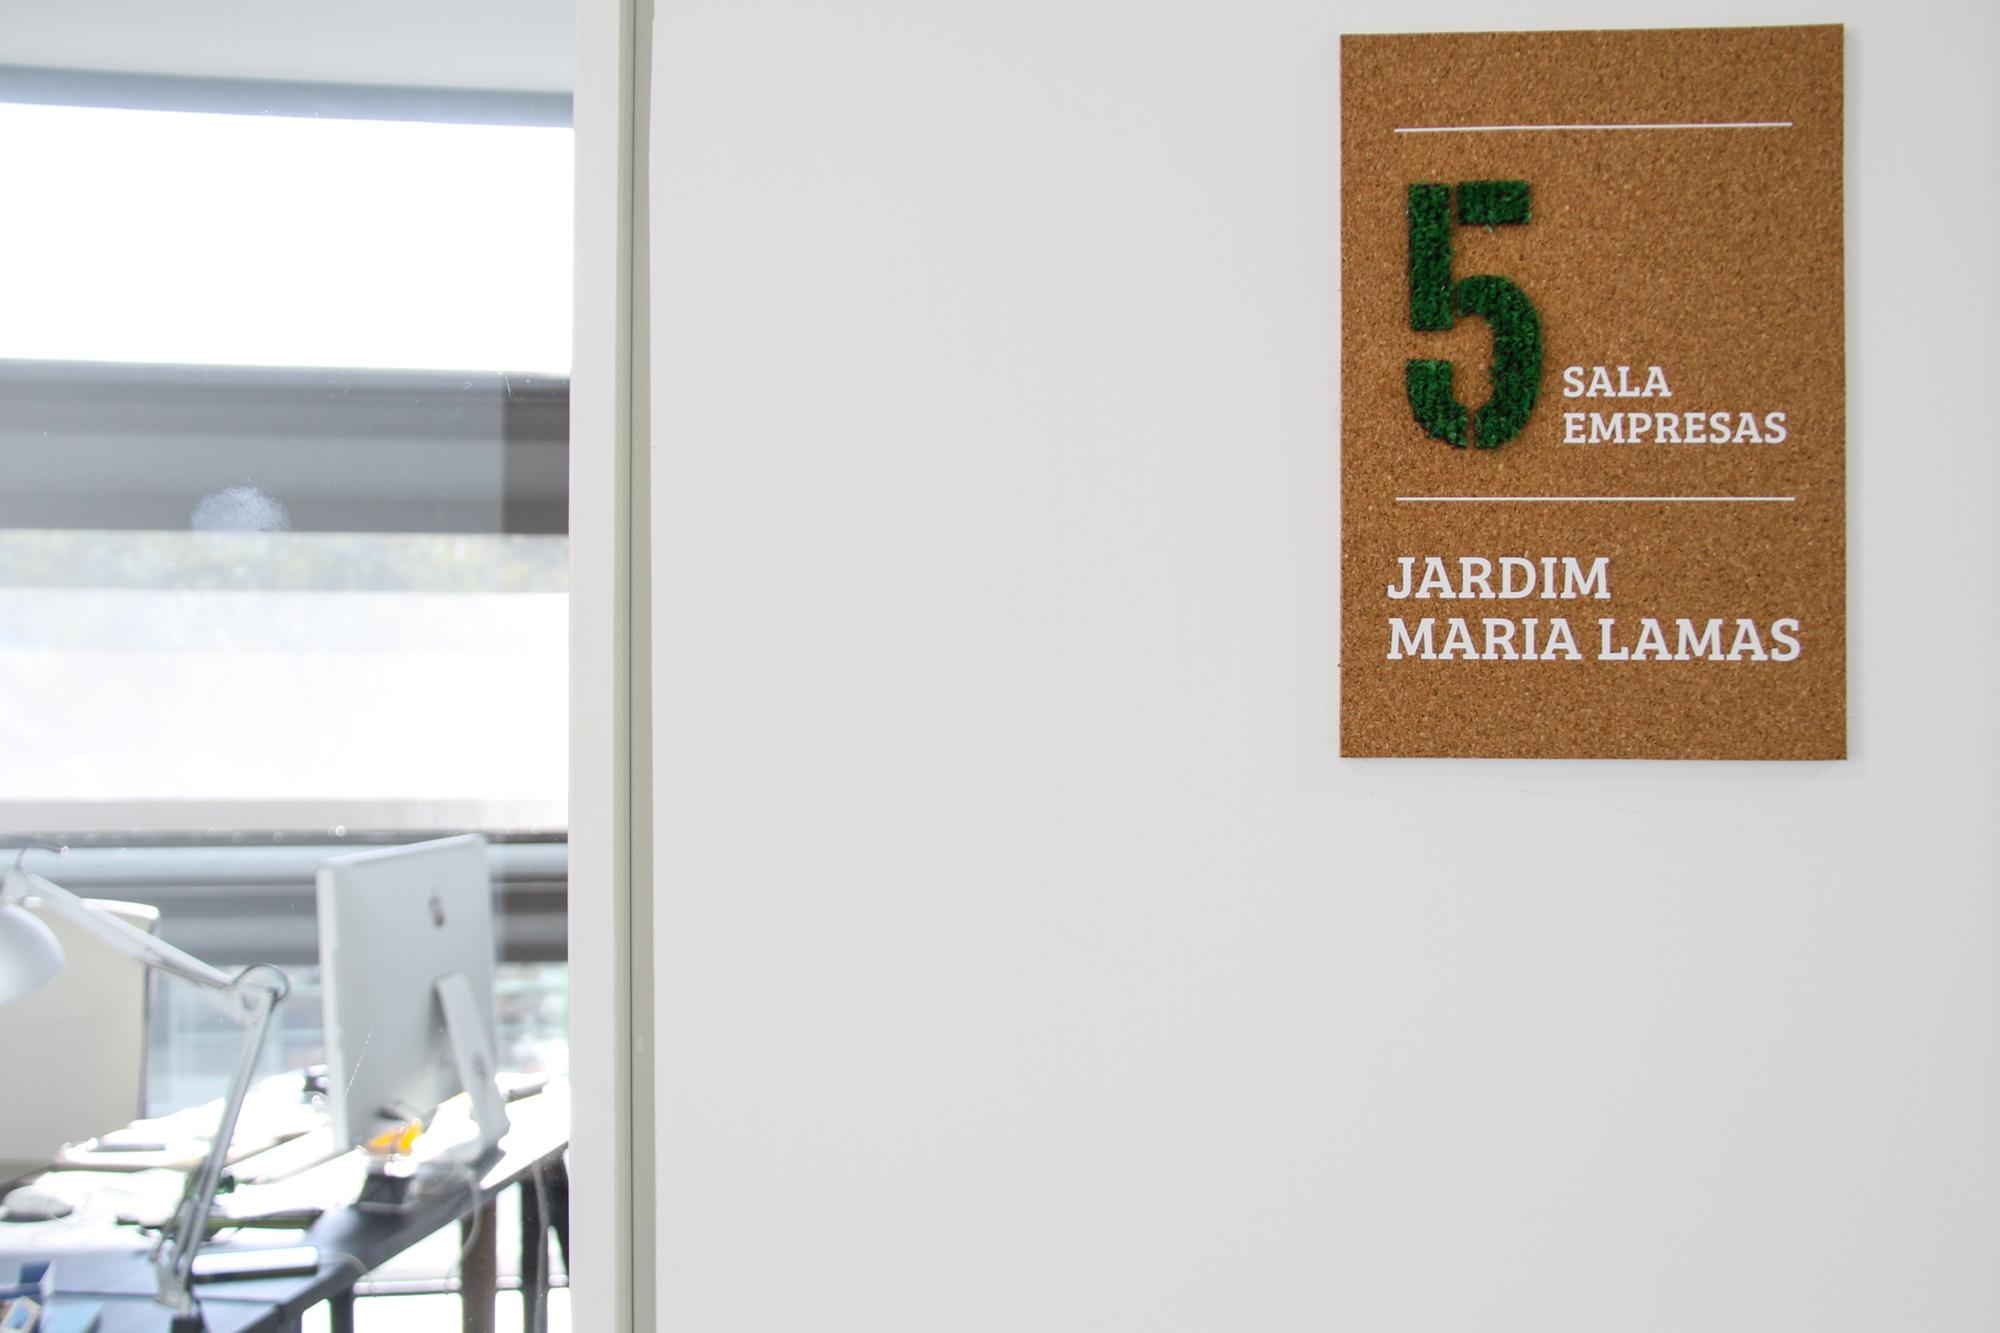 Nut, comunicação, startup, Torres Novas, Maria de lamas, biografia